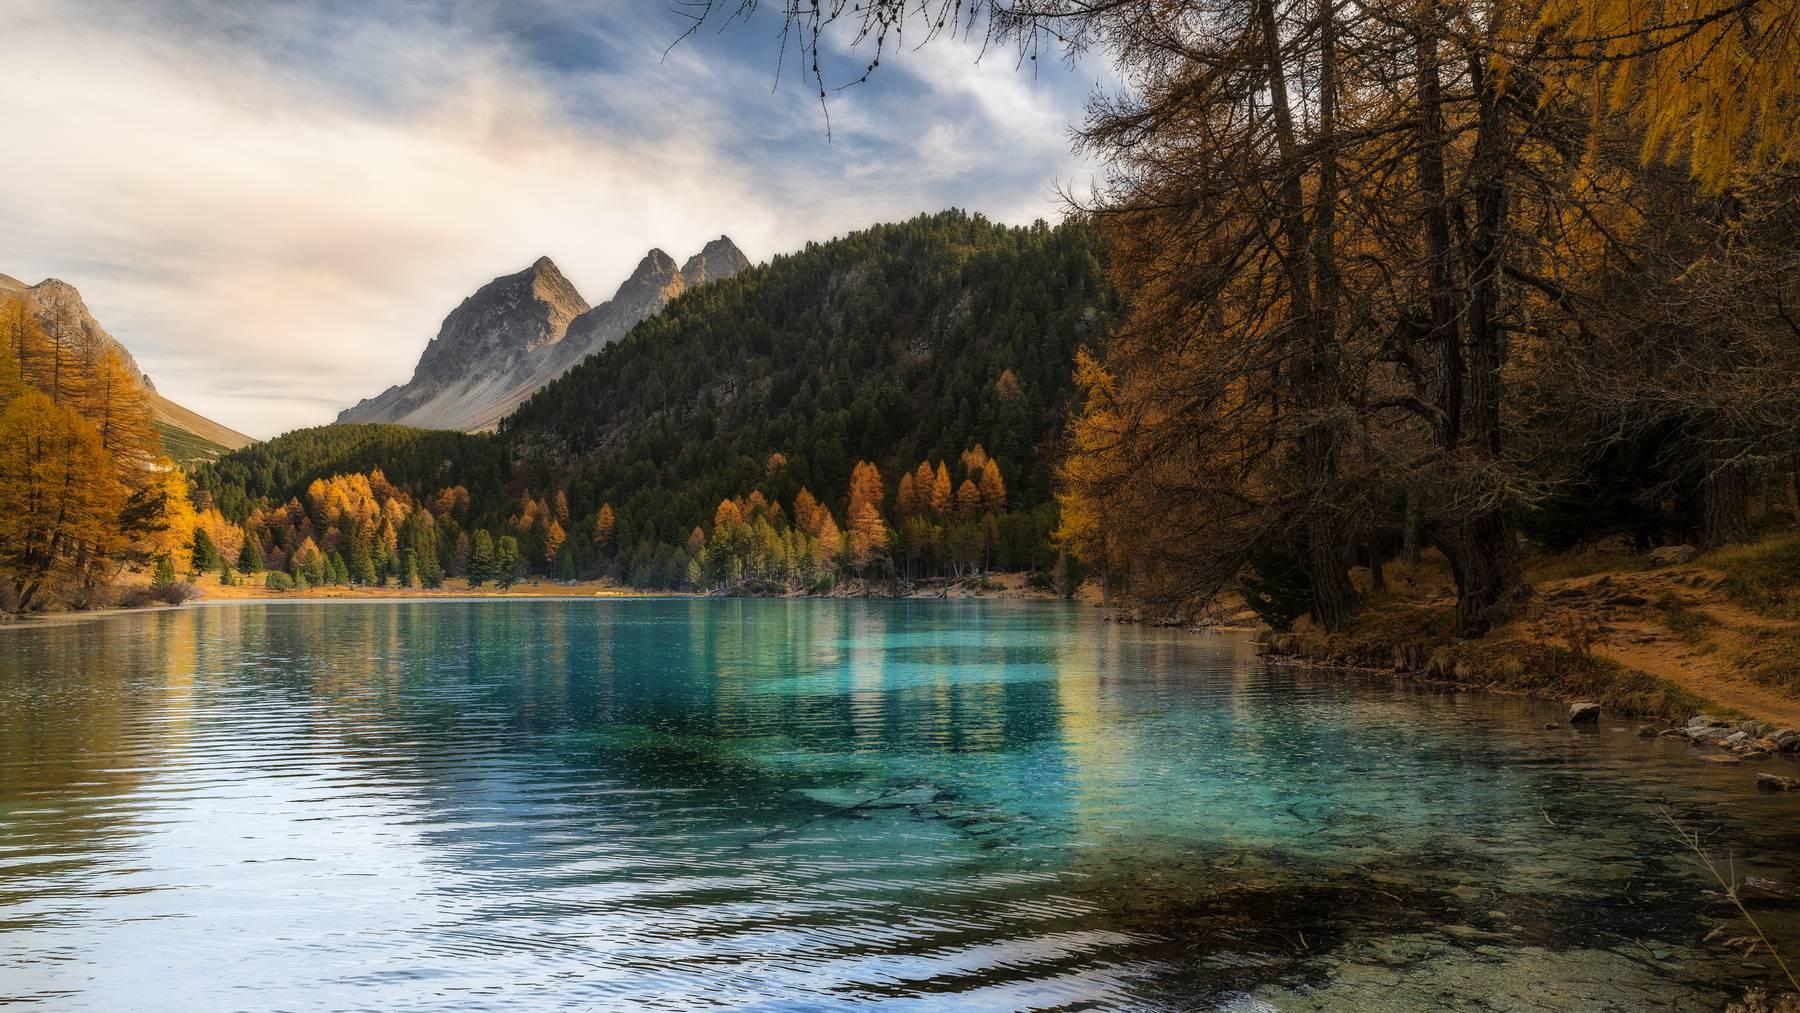 Lai da Palpuogna, dieser See ist einer der Fotospots in Graubünden.